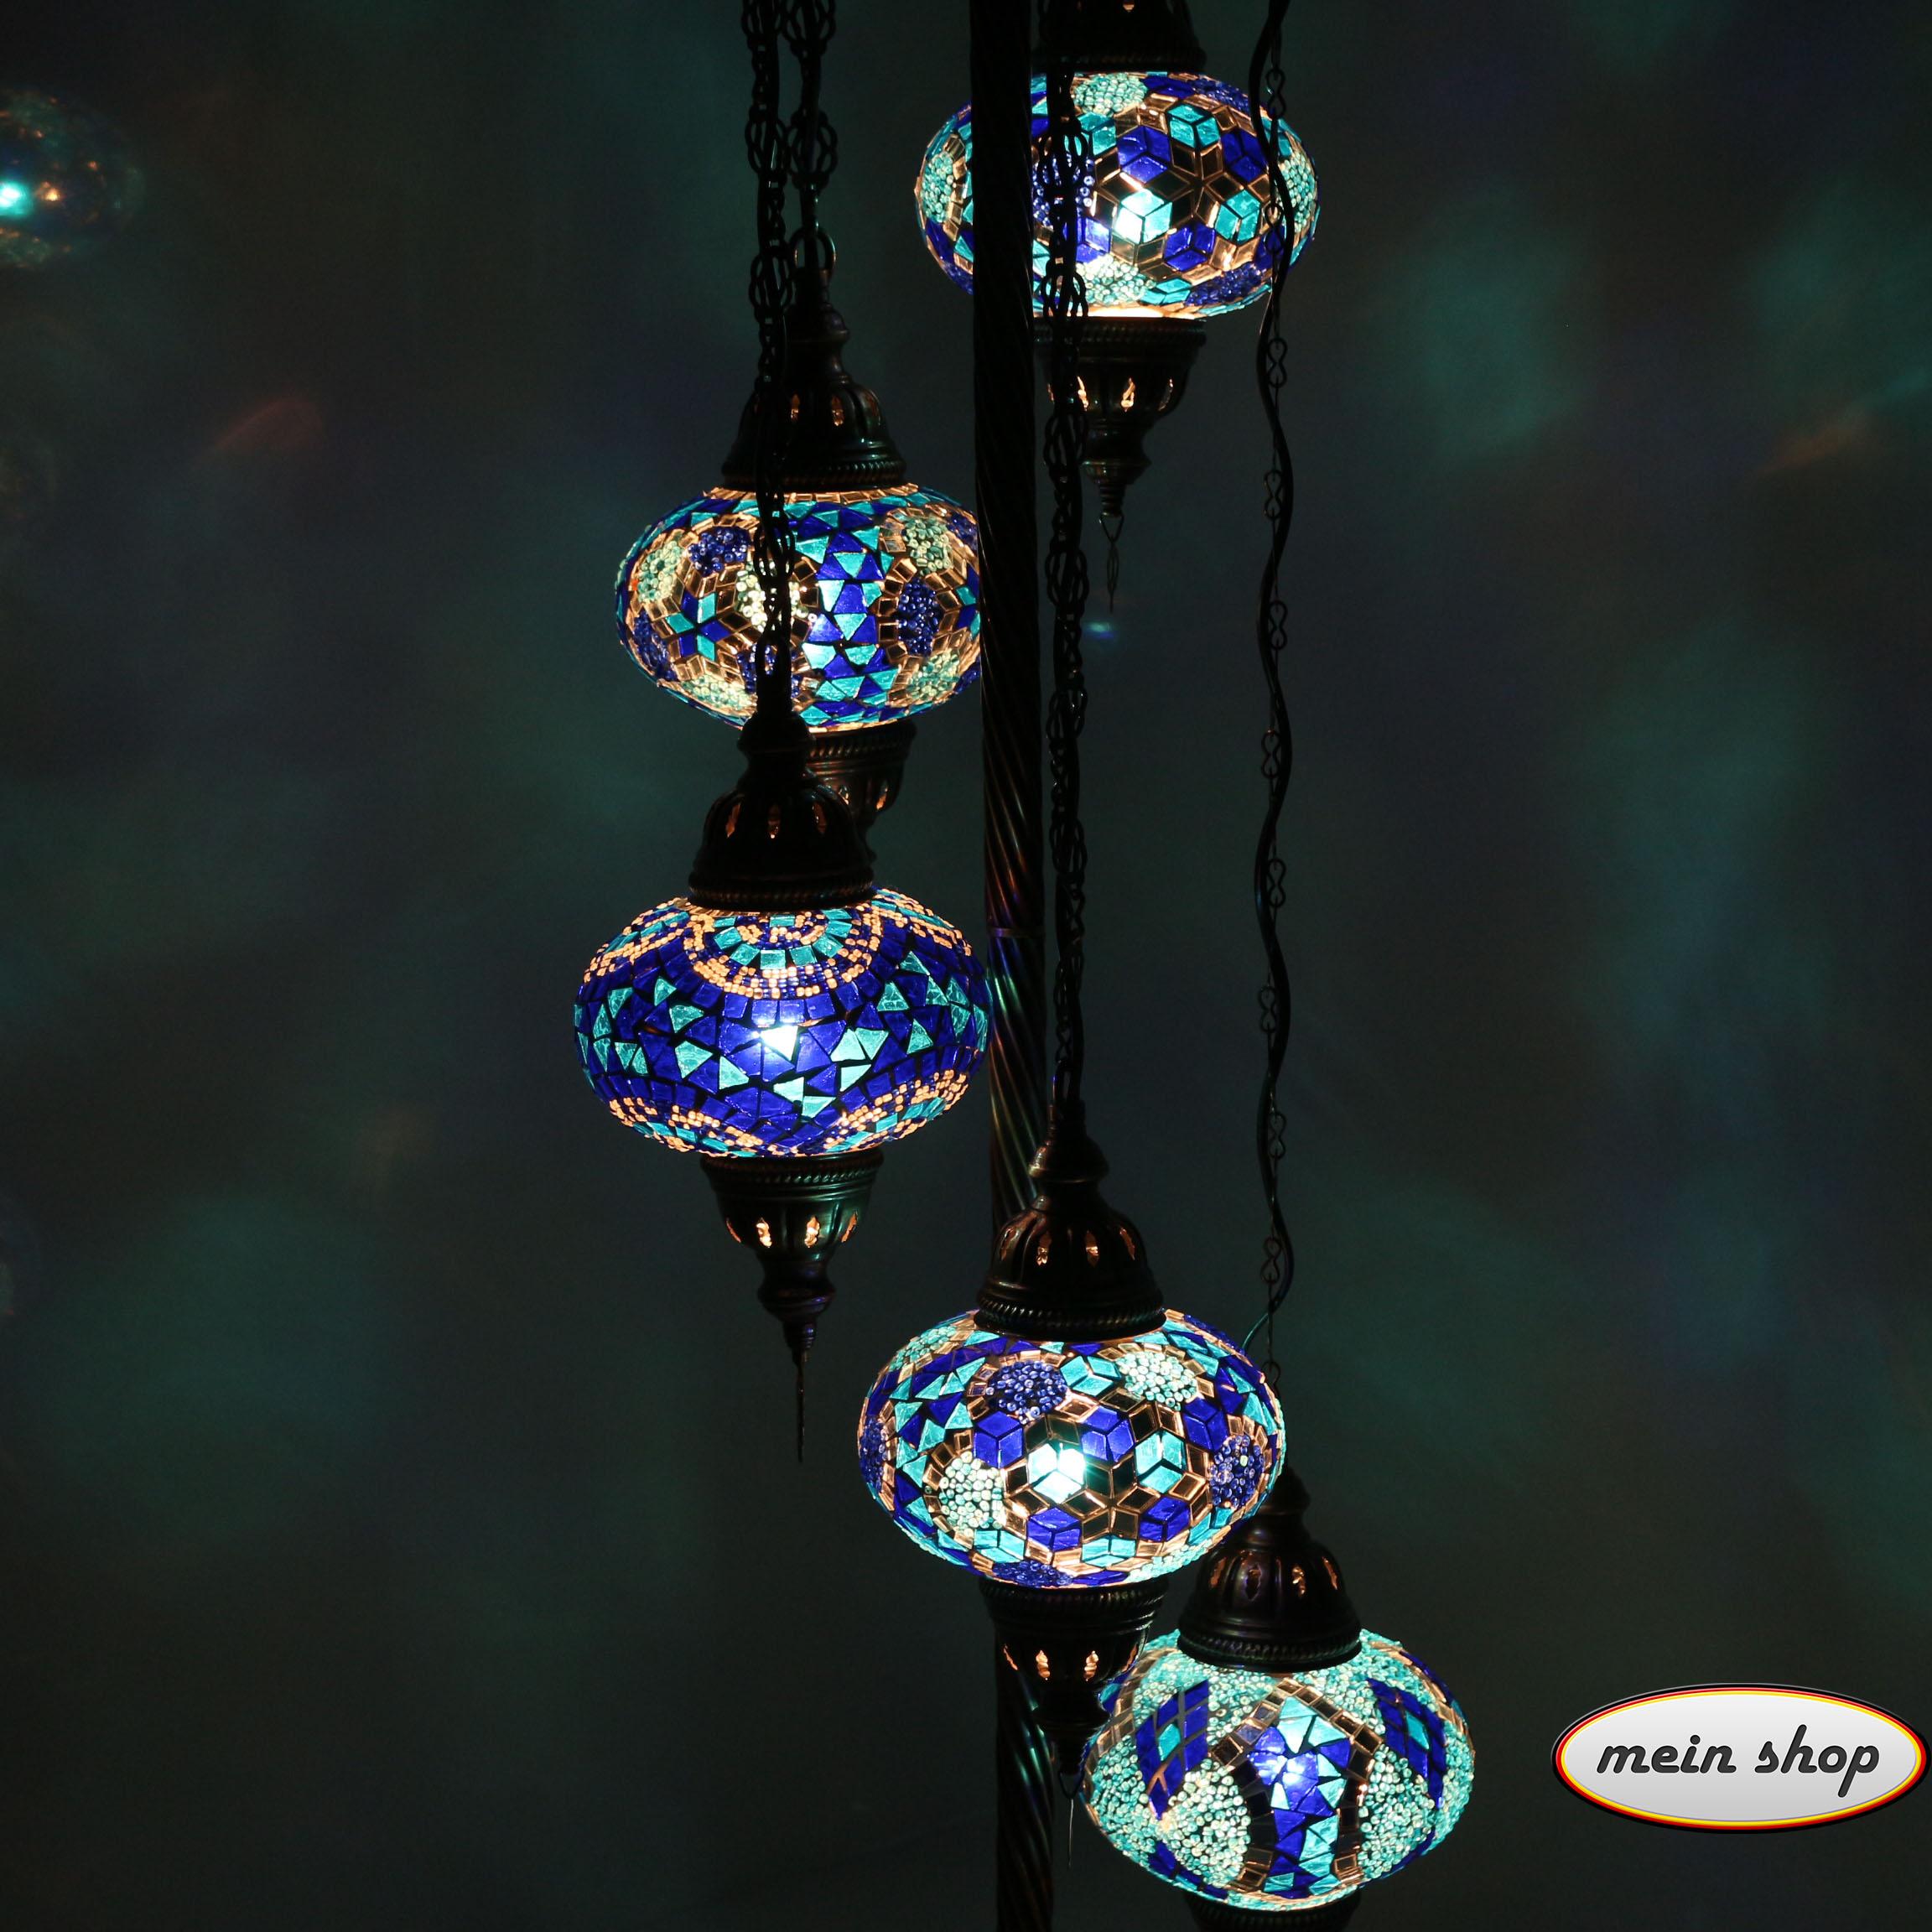 mosaik stehlampe mit 5 l kugeln blau mein shop. Black Bedroom Furniture Sets. Home Design Ideas